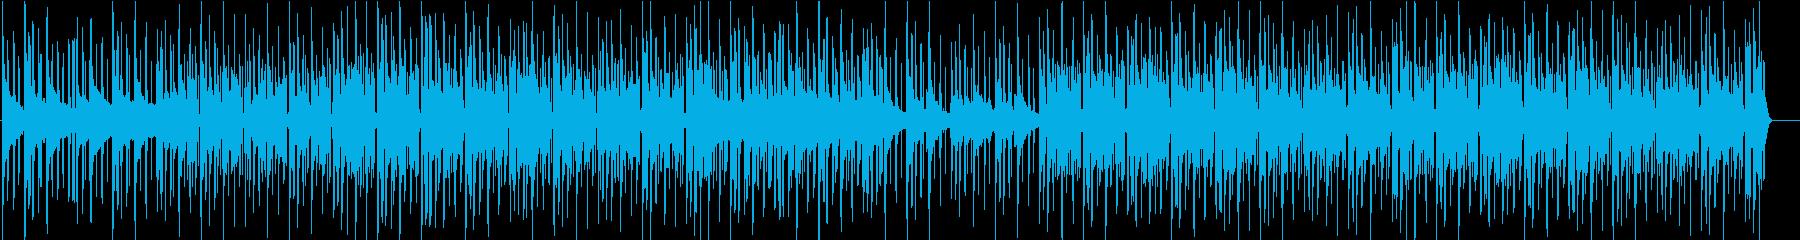 ピアノ、ストリングスが主体の勇敢な曲の再生済みの波形